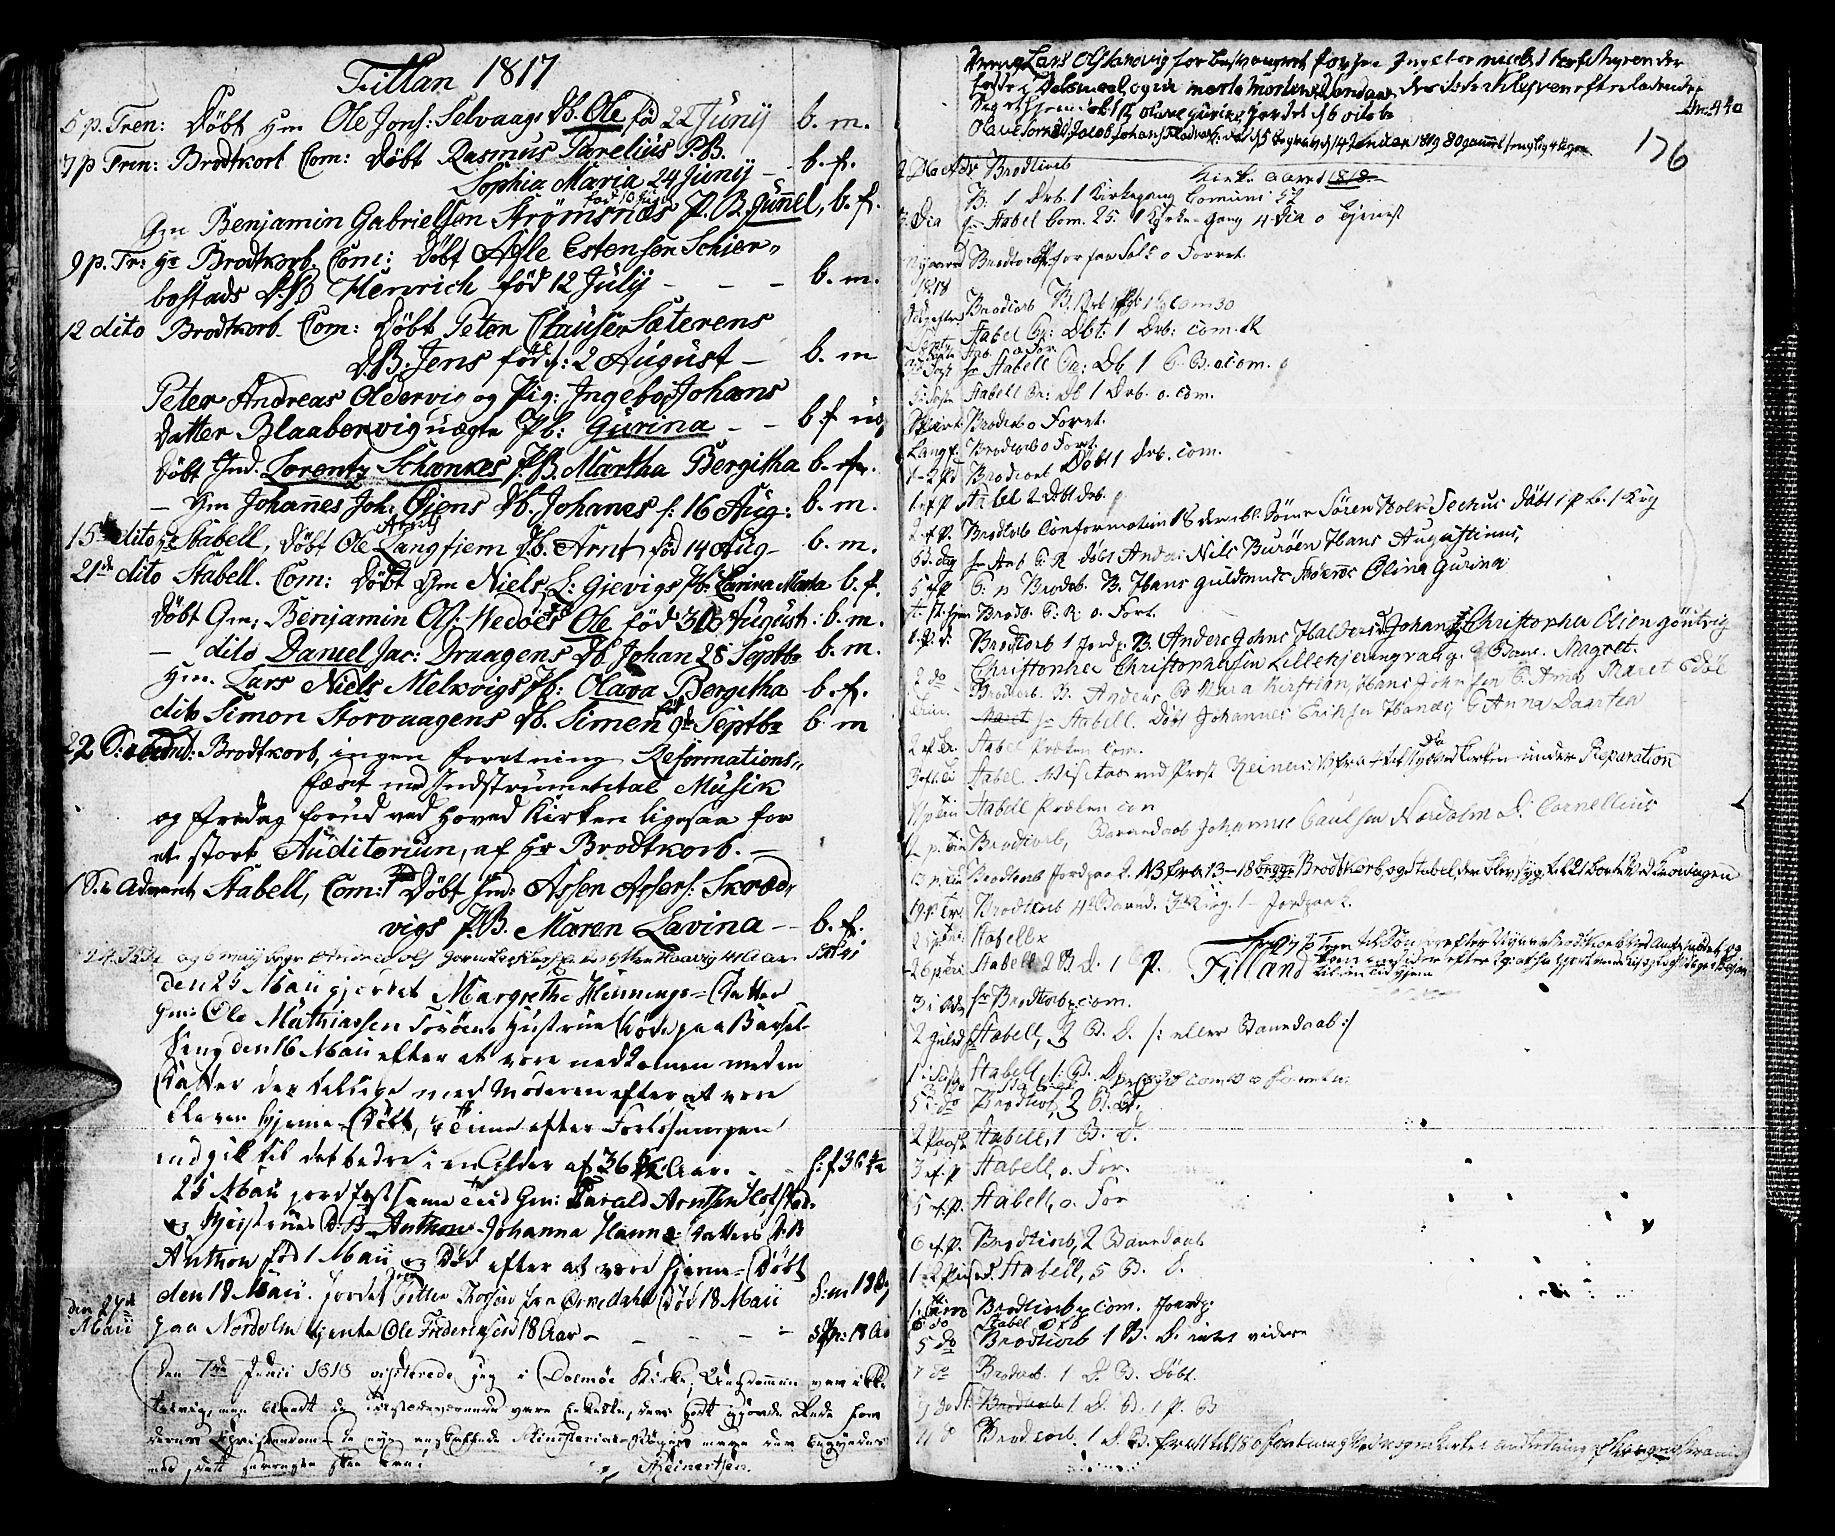 SAT, Ministerialprotokoller, klokkerbøker og fødselsregistre - Sør-Trøndelag, 634/L0526: Ministerialbok nr. 634A02, 1775-1818, s. 176